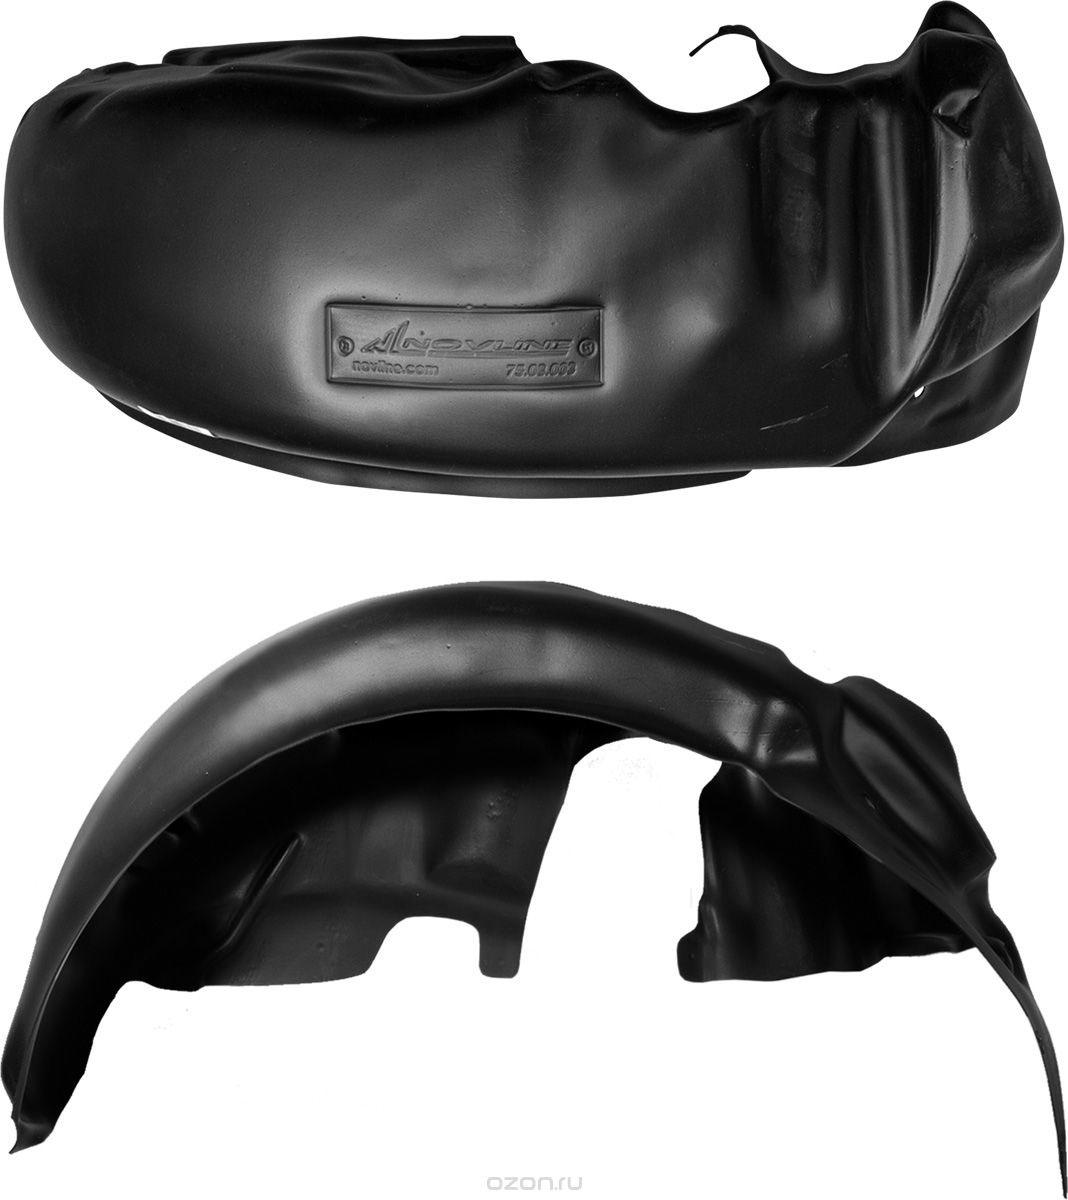 Подкрылок Novline-Autofamily, для CITROEN Jumper 2006-2014, 2014-> без/с расширителями арок, задний правыйVCA-00Идеальная защита колесной ниши. Локеры разработаны с применением цифровых технологий, гарантируют максимальную повторяемость поверхности арки. Изделия устанавливаются без нарушения лакокрасочного покрытия автомобиля, каждый подкрылок комплектуется крепежом. Уважаемые клиенты, обращаем ваше внимание, что фотографии на подкрылки универсальные и не отражают реальную форму изделия. При этом само изделие идет точно под размер указанного автомобиля.